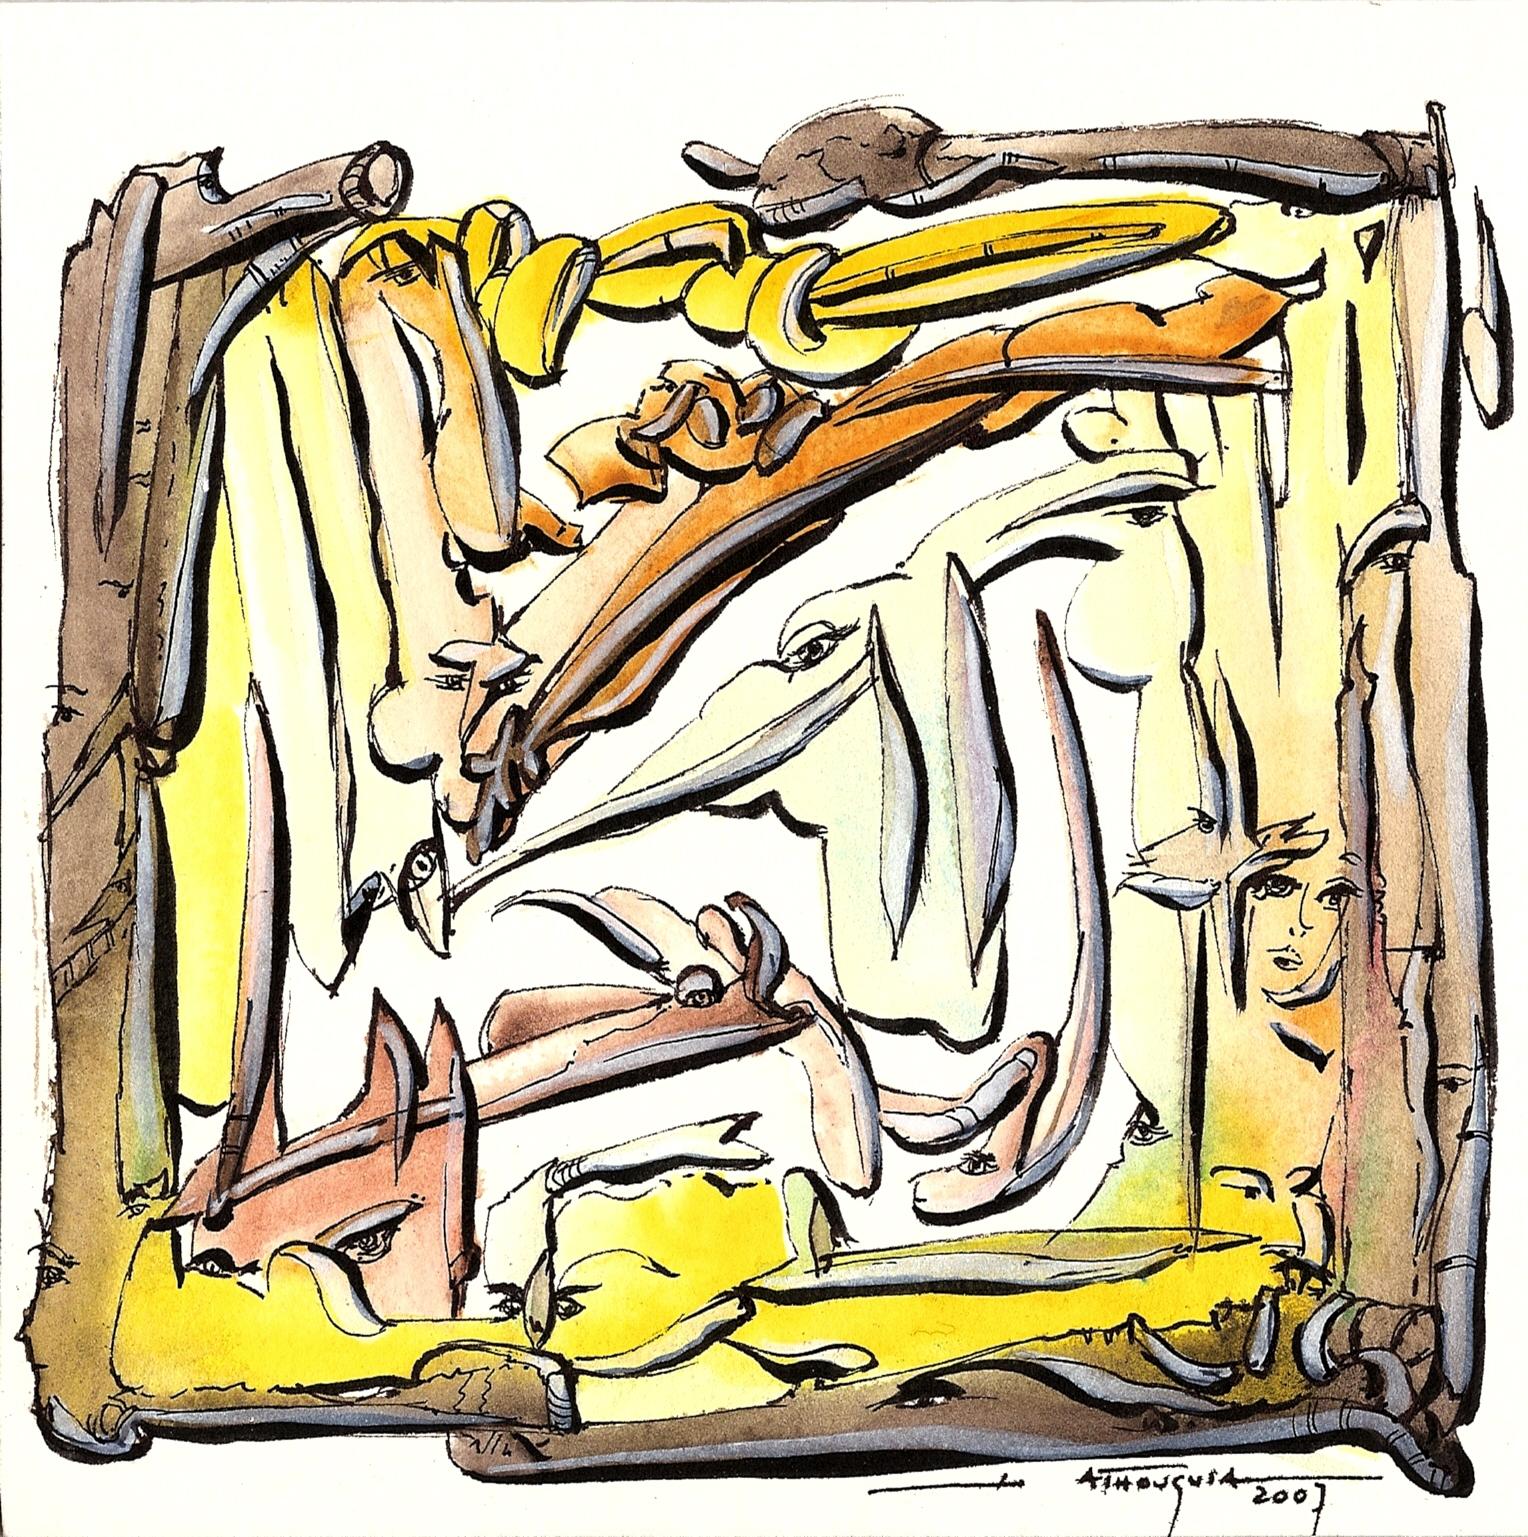 IIImaaterrr 2007 13x13.jpg